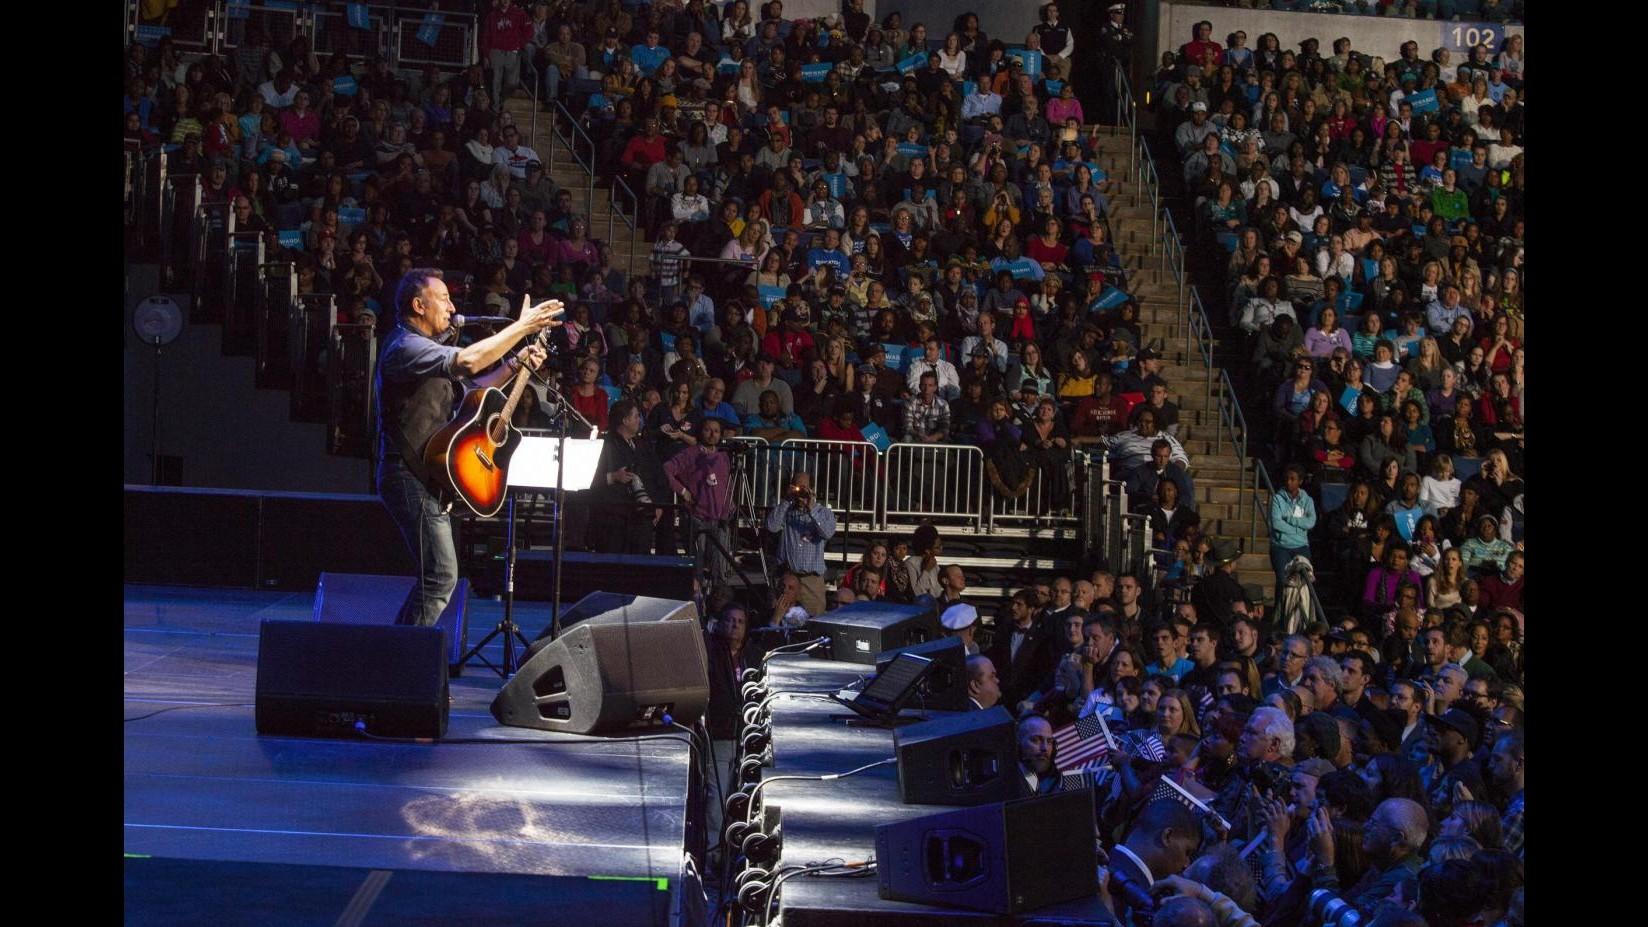 Bruce Springsteen annuncia nuove date in Italia tra giugno e luglio